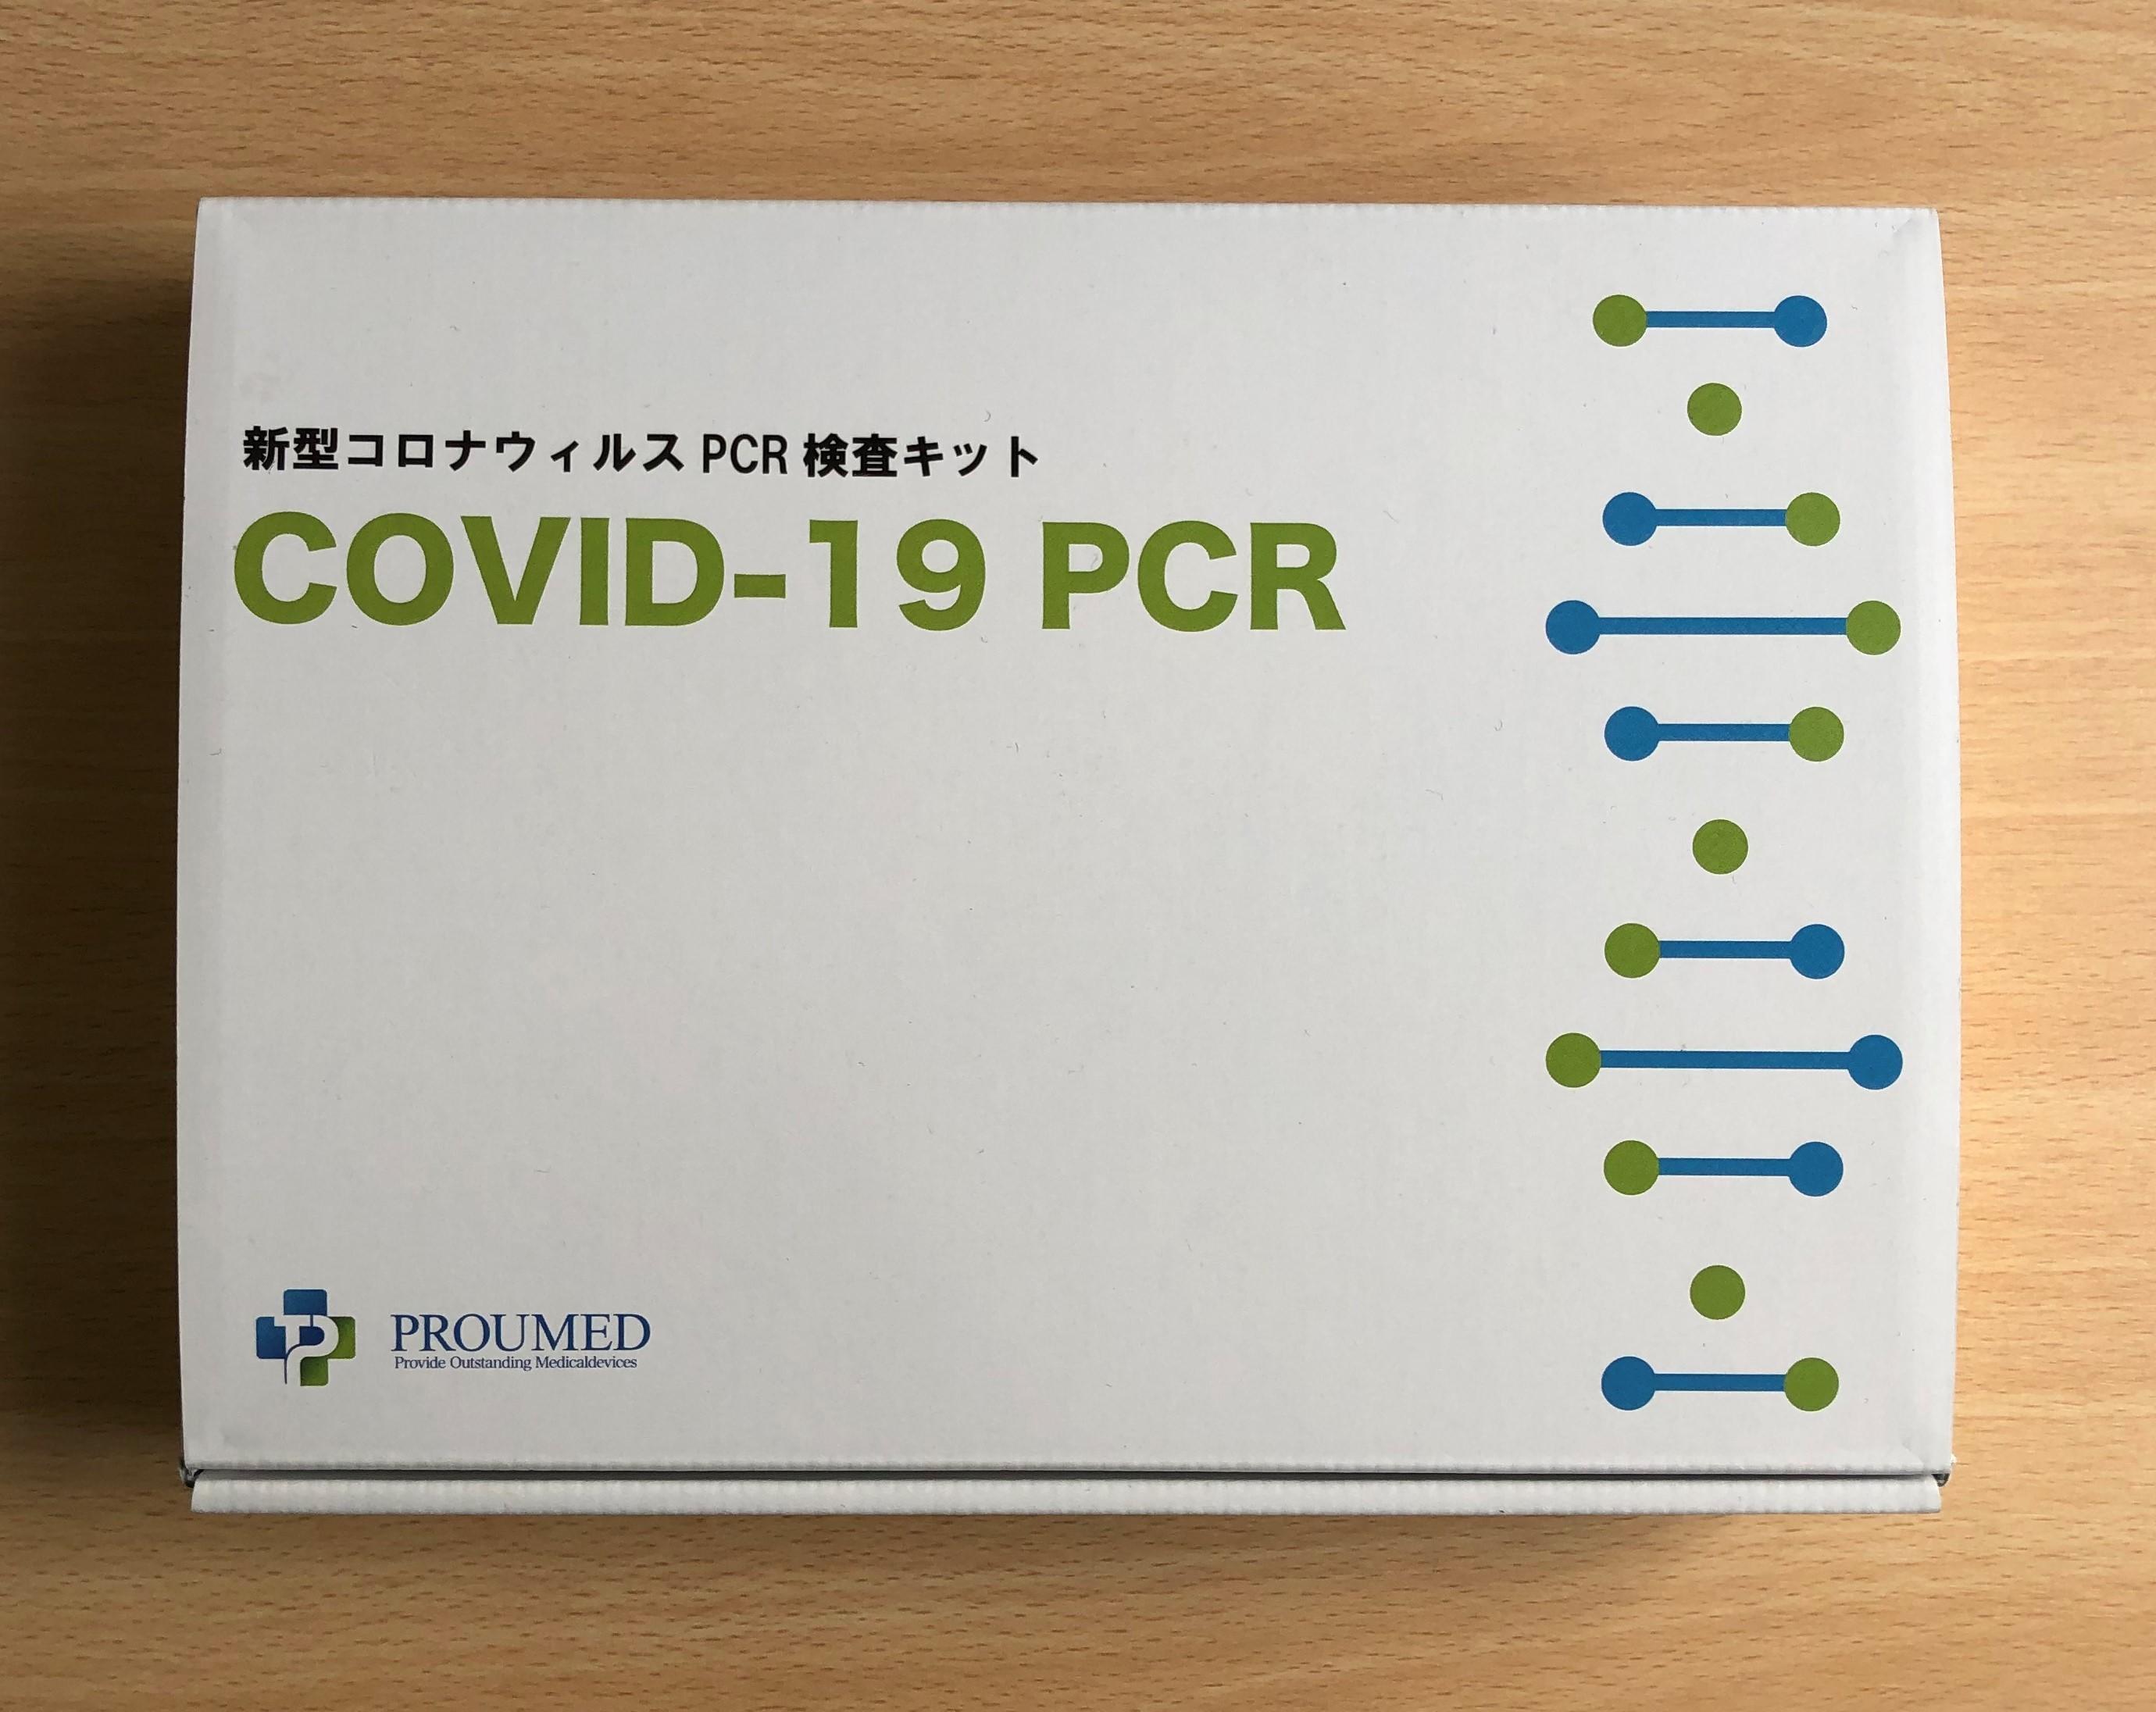 【陰性証明書あり】新型コロナウイルスPCR検査キット